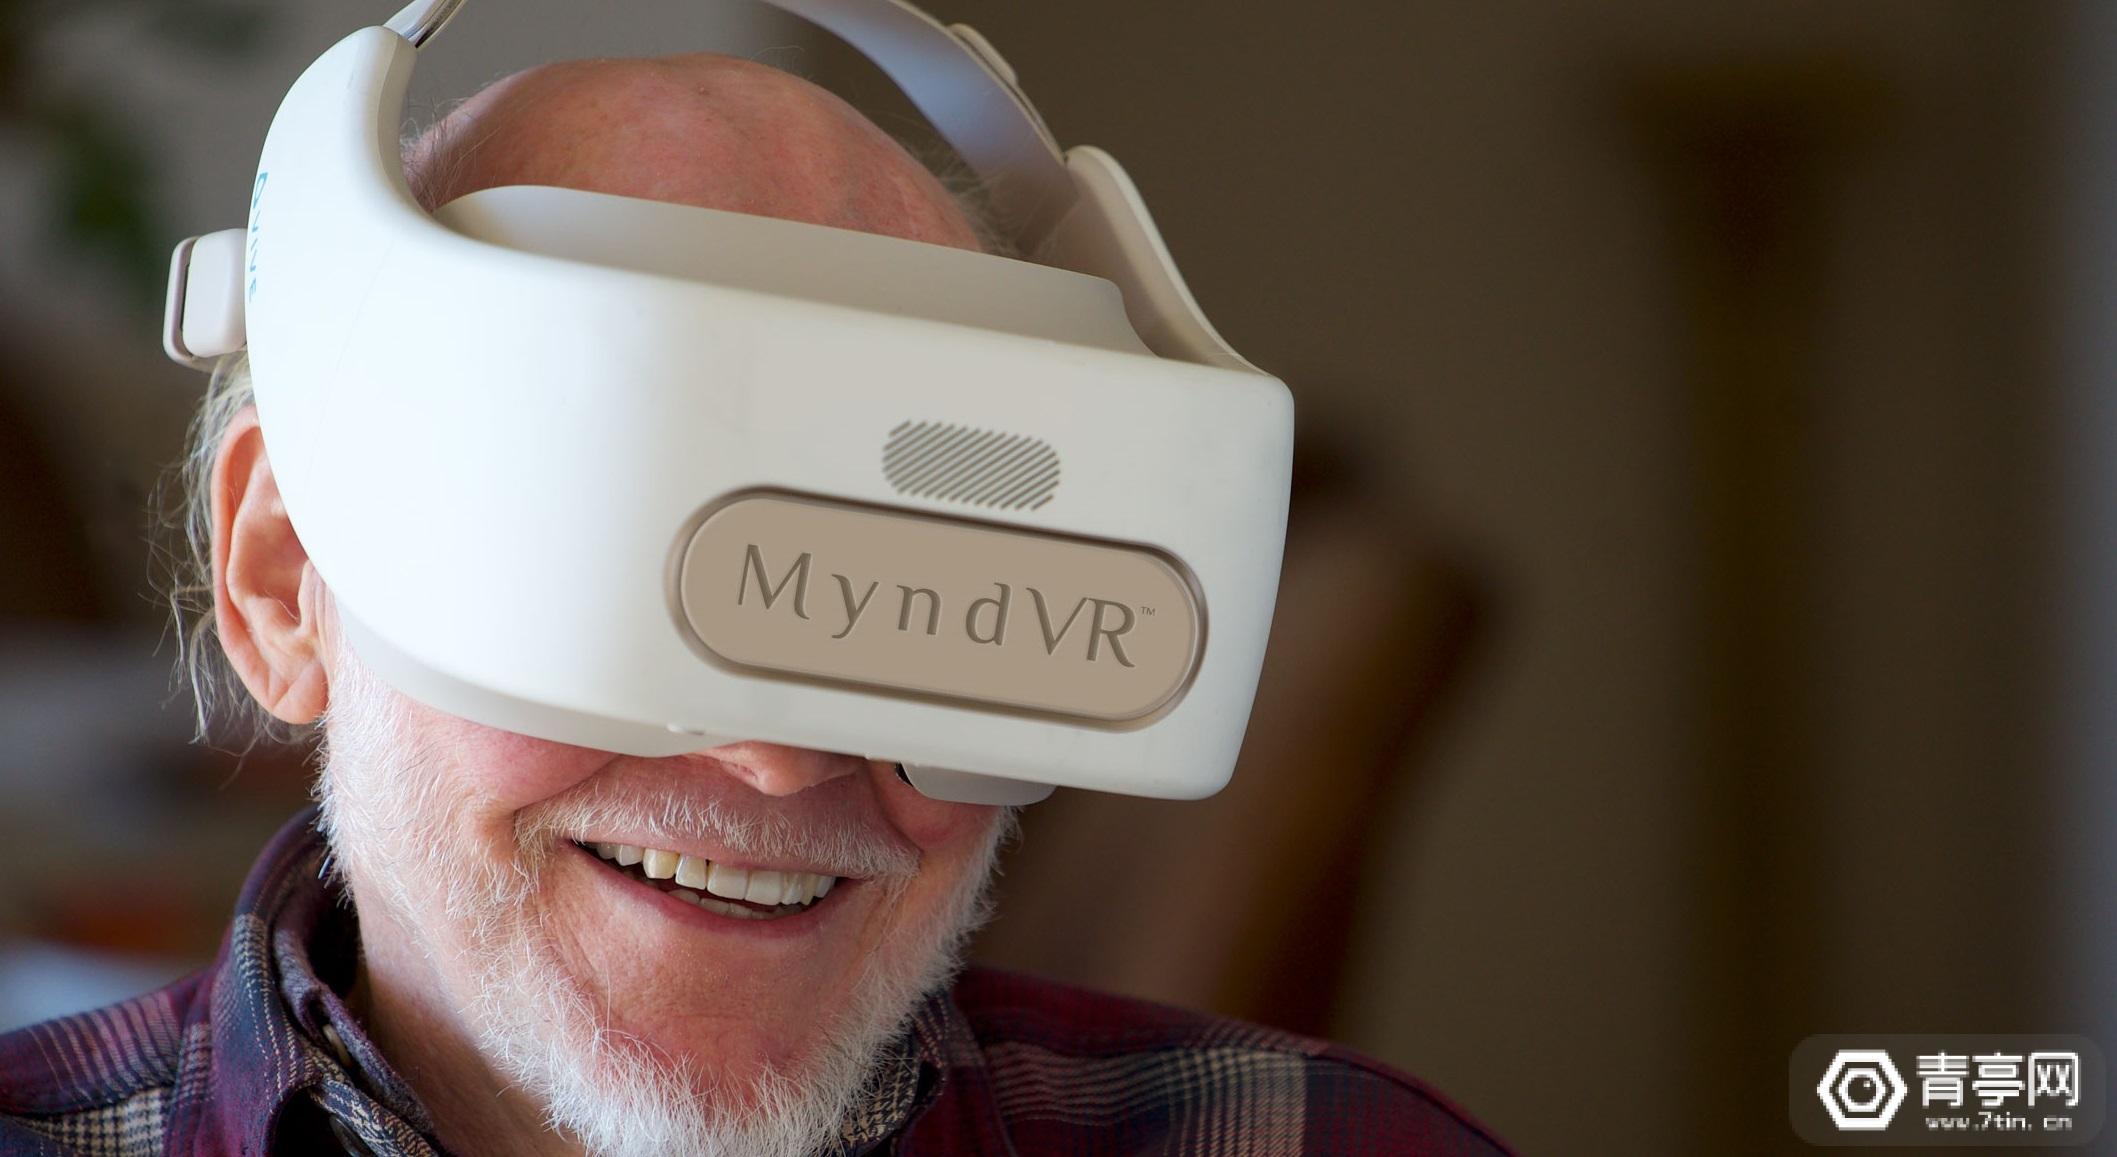 疑似HTC为MyndVR开发专用版Vive Focus一体机